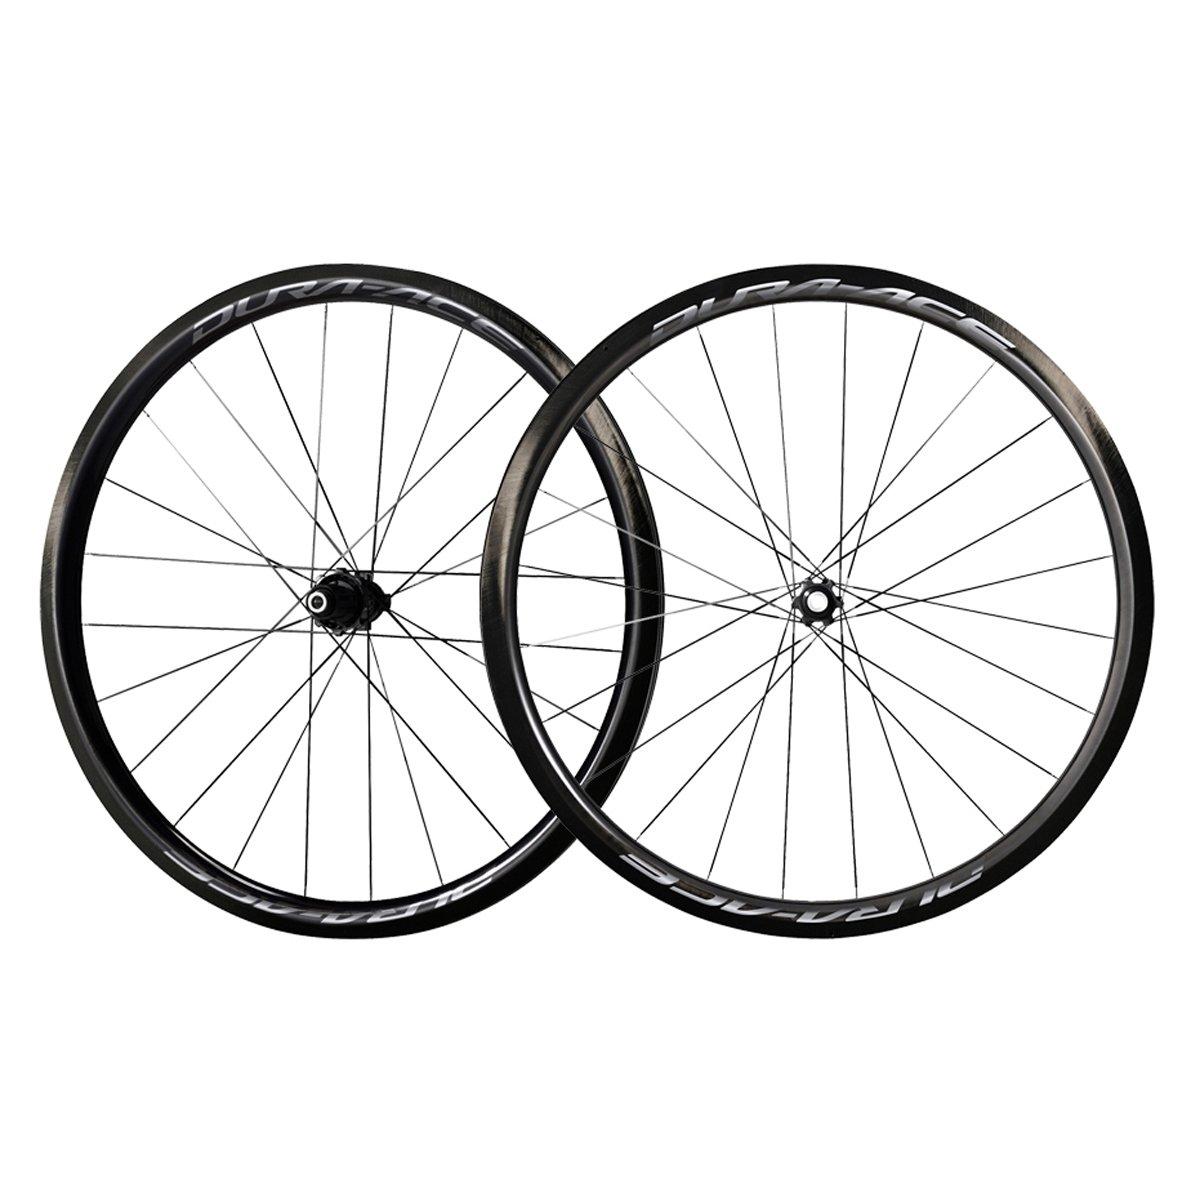 Shimano Dura-Ace Carbon Hjulsæt C40 til skivebremser | Road bikes